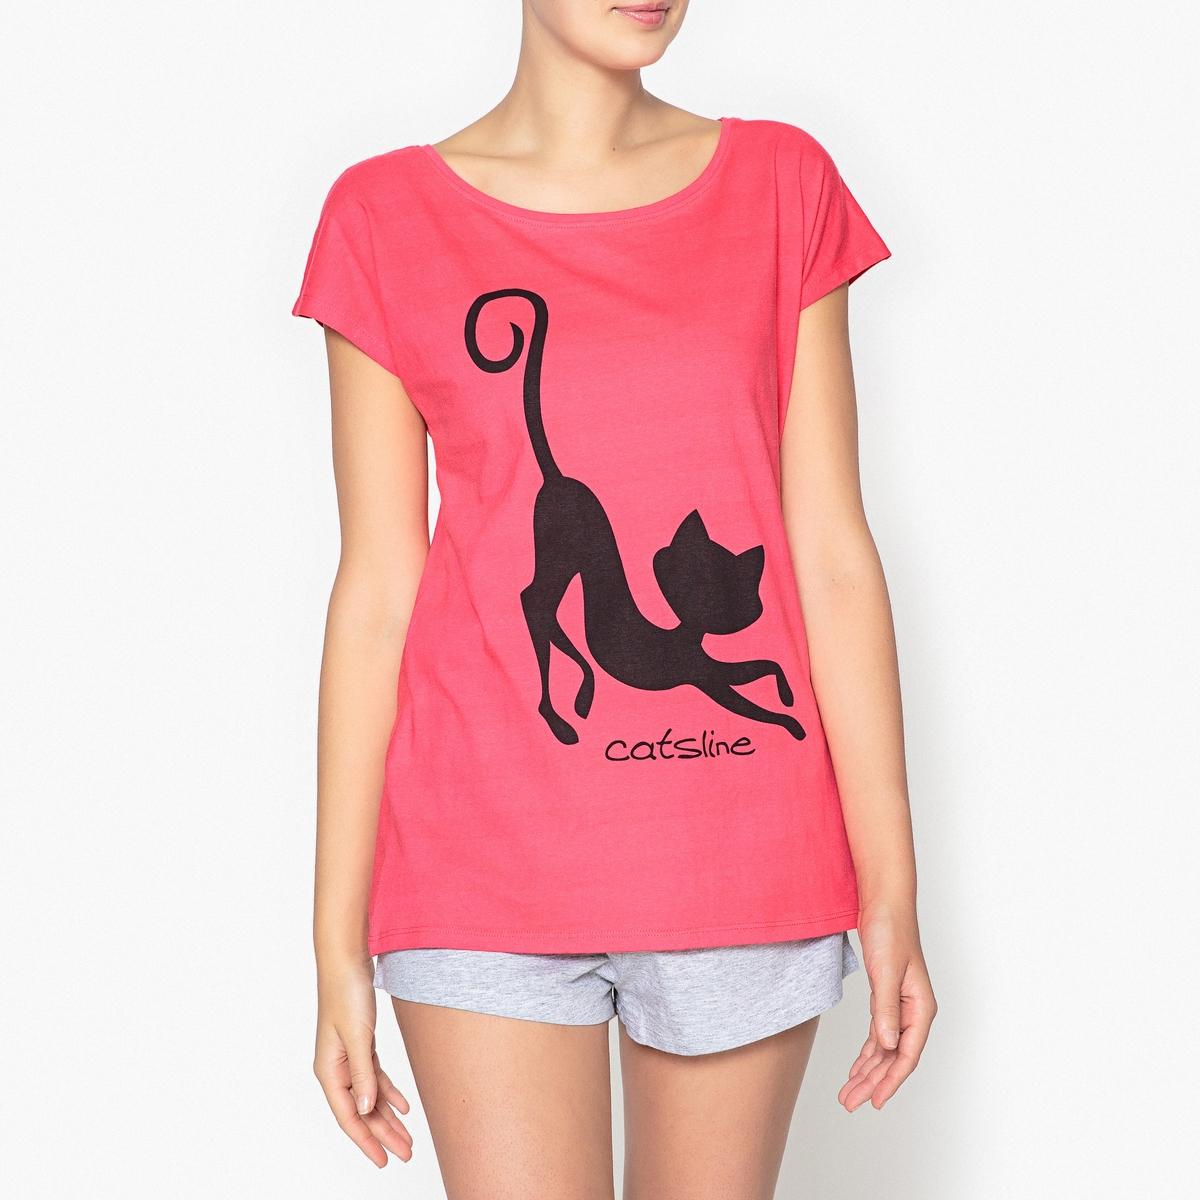 Пижама с шортами и рисунком, CatslineВерх с короткими рукавами и графическим рисунком кот Catsline и шорты с бантиком .Состав и описаниеРаздельная пижама, верх с принтом, круглый вырез и короткие рукава.Шорты с завязками . Эластичный пояс.Марка : CatslineМатериал :  92% хлопка, 8% полиэстера. Уход: :Машинная стирка при 30 °С на деликатном режиме с вещами схожих цветов.Стирать и гладить при низкой температуре с изнаночной стороны.Машинная сушка запрещена.<br><br>Цвет: серый/ красный<br>Размер: XL.L